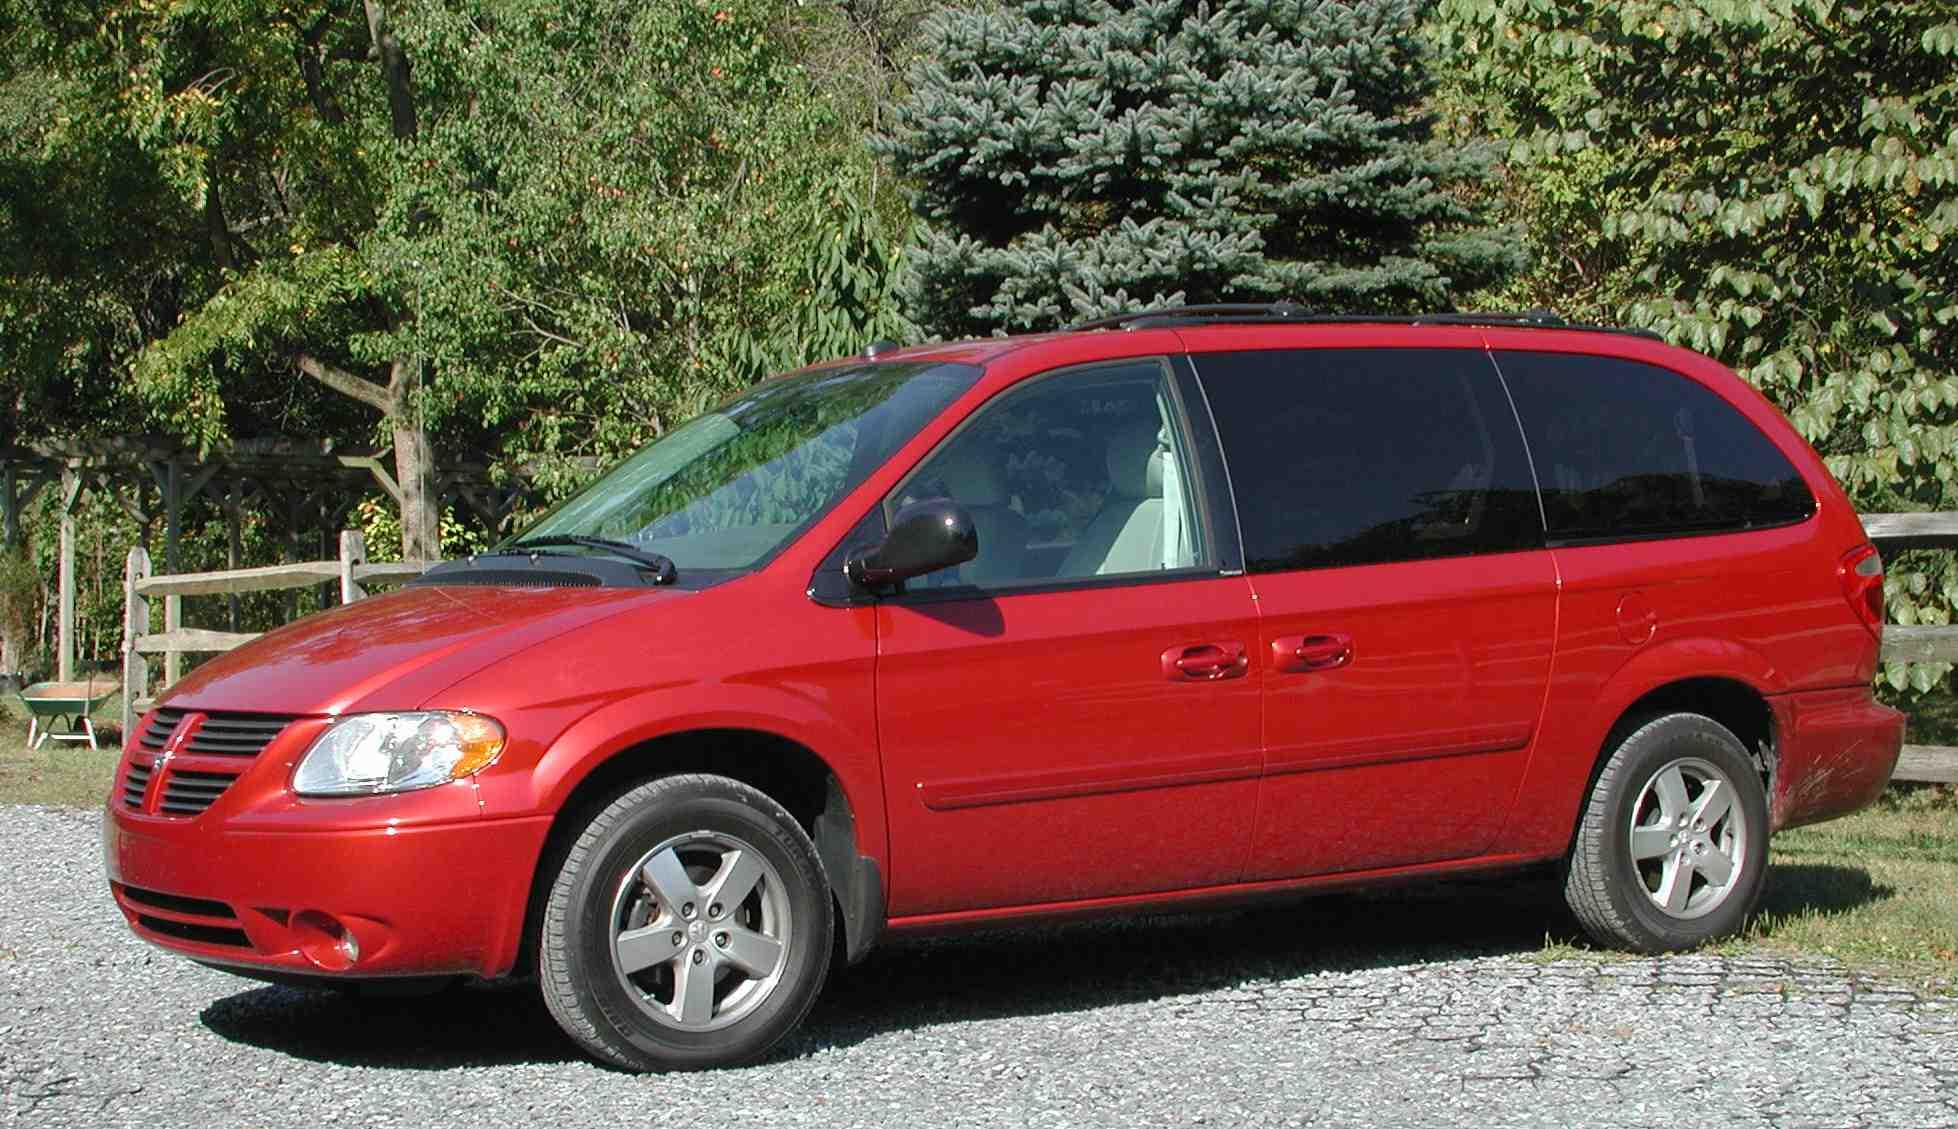 Dodge Caravan 2006 foto - 2